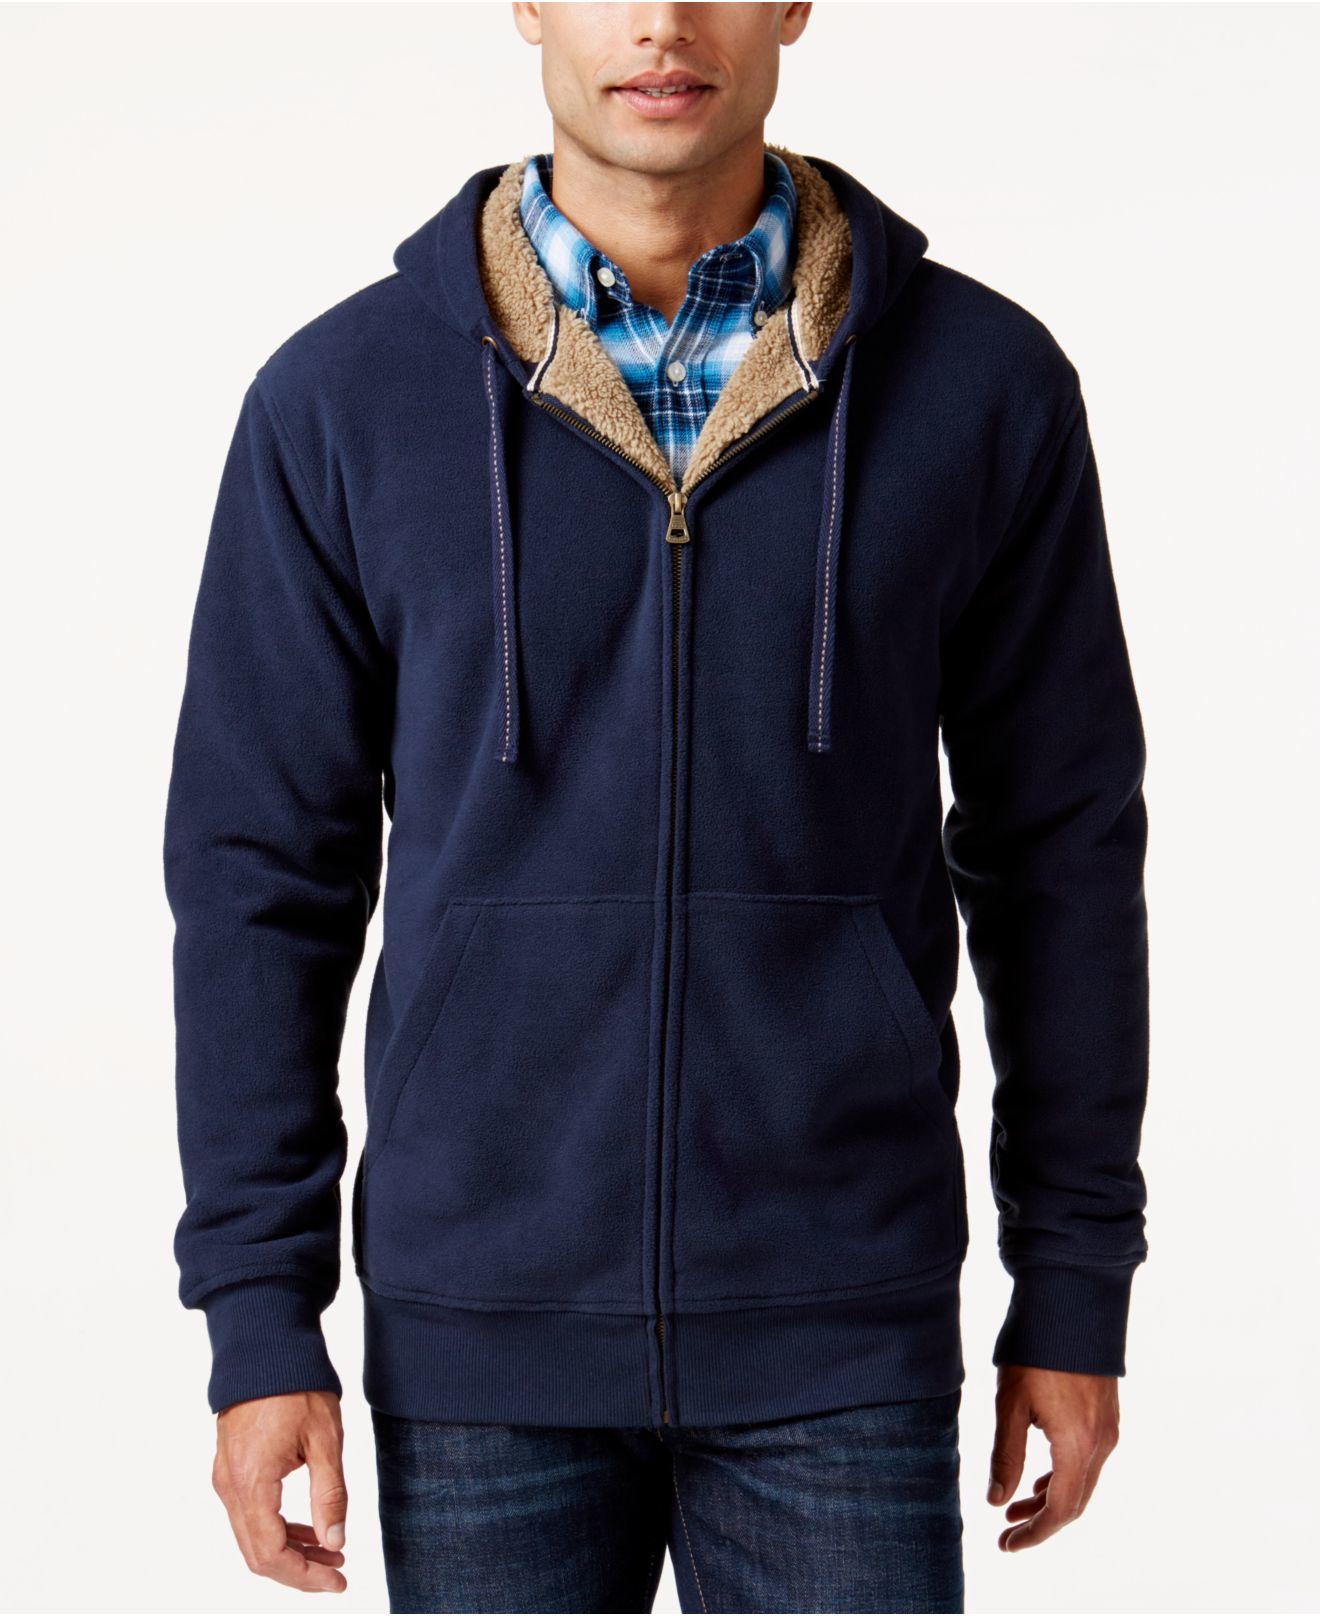 Weatherproof Vintage Hooded Sherpa Fleece Sweater Jacket in Blue ...